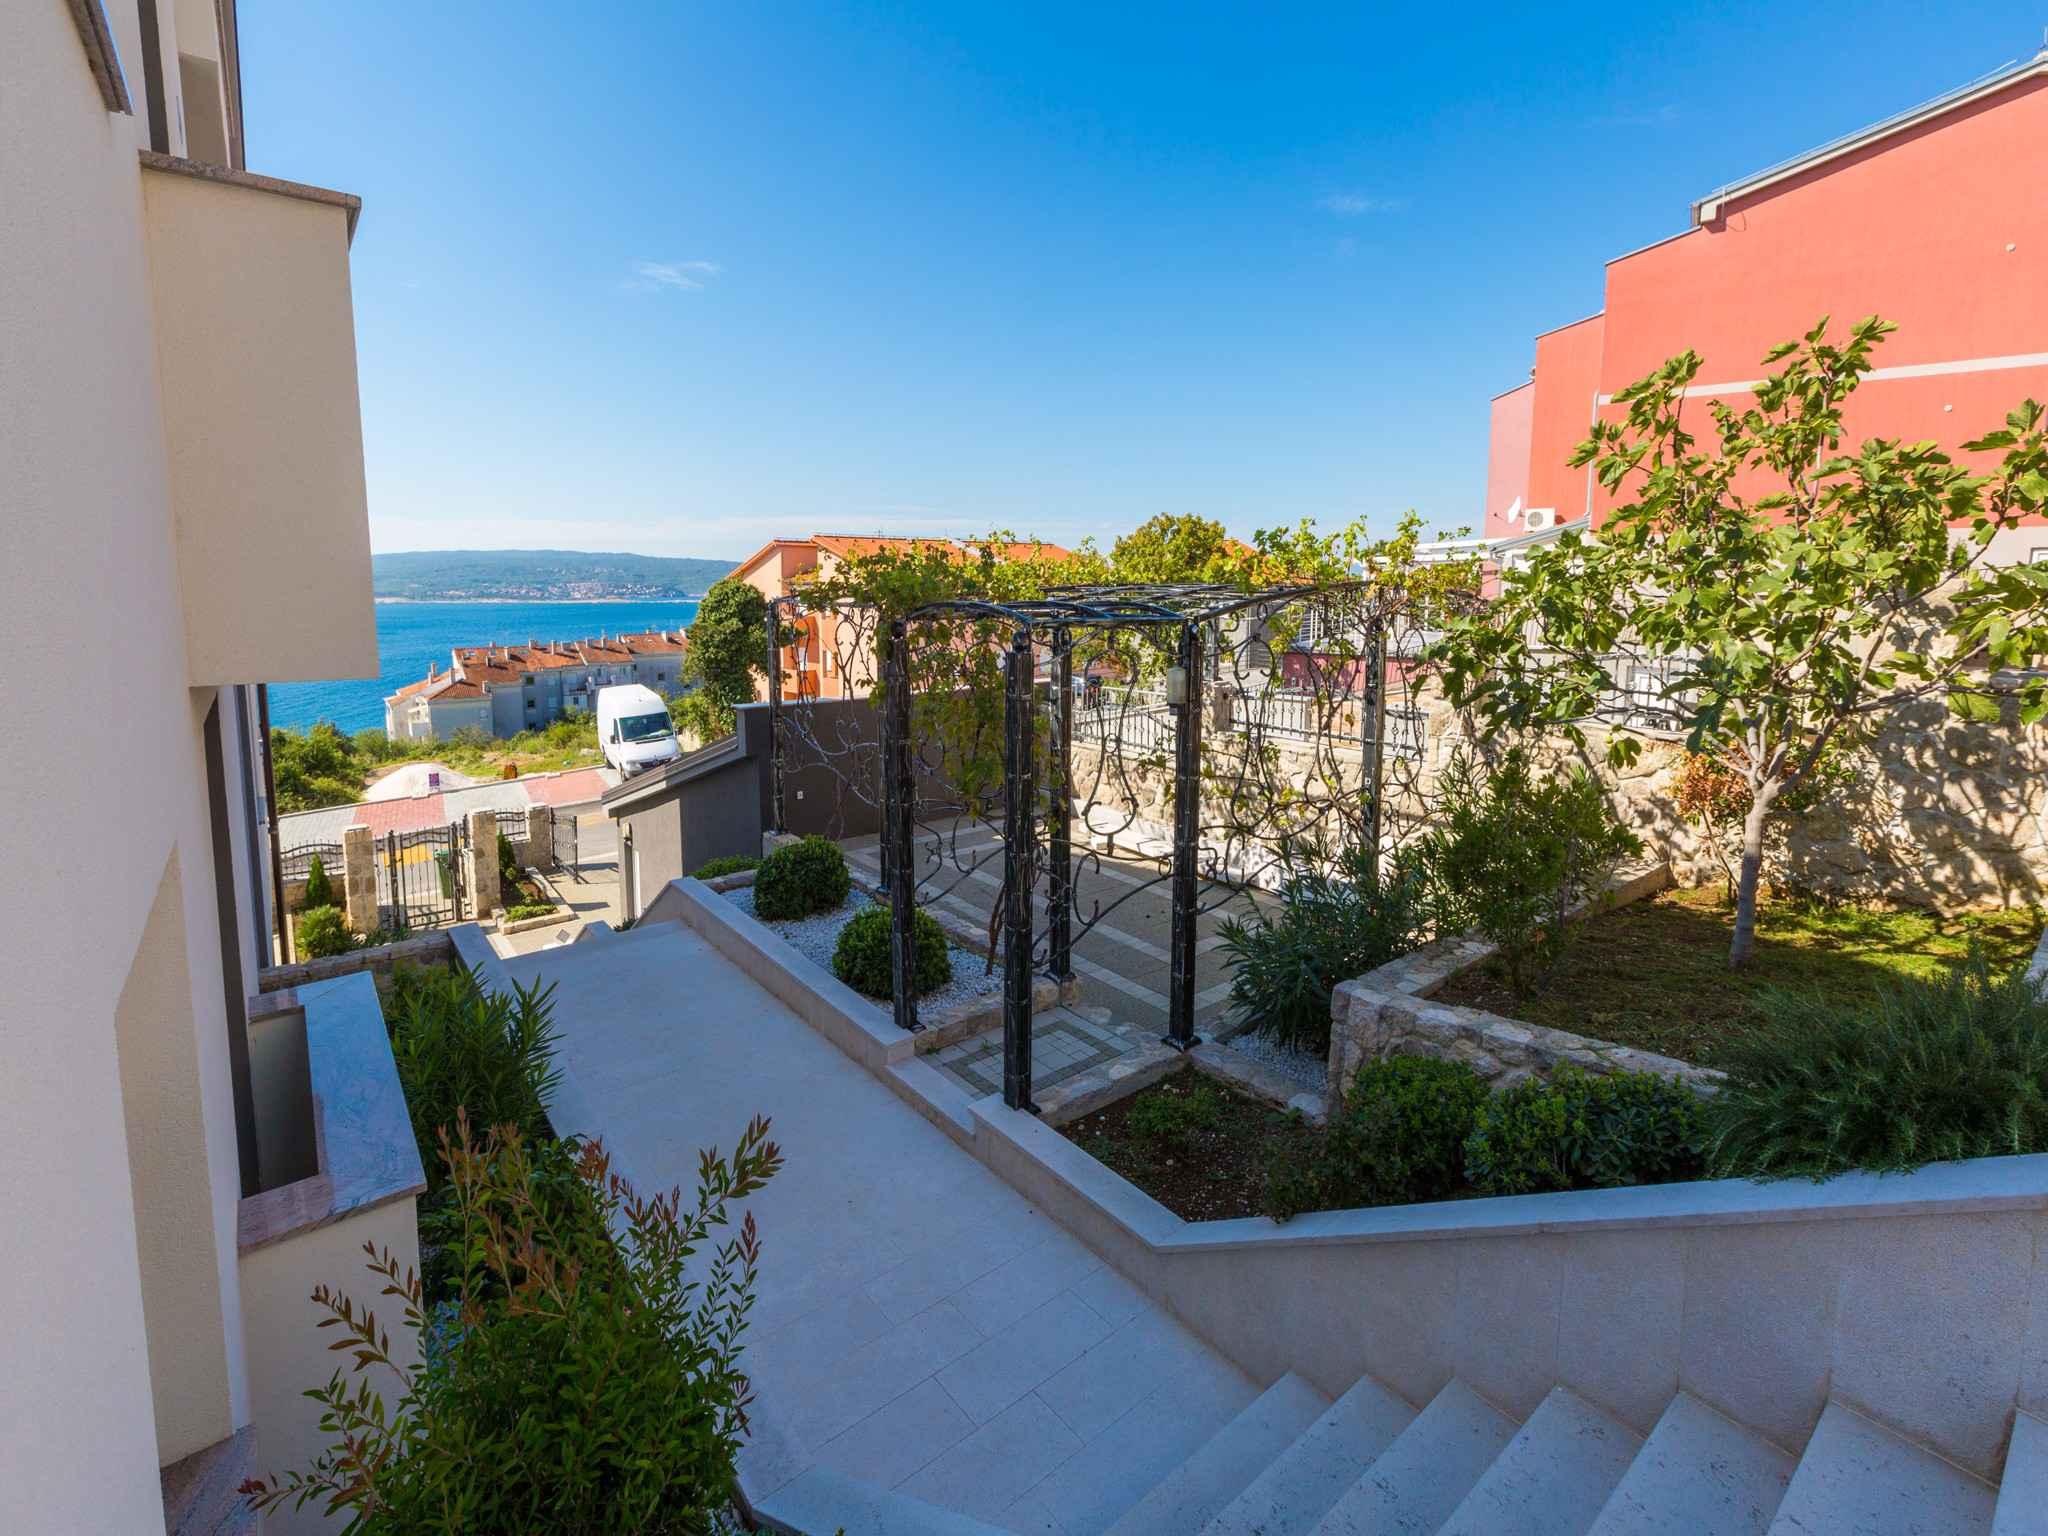 Ferienwohnung mit Pool und Meerblick  in Kroatien